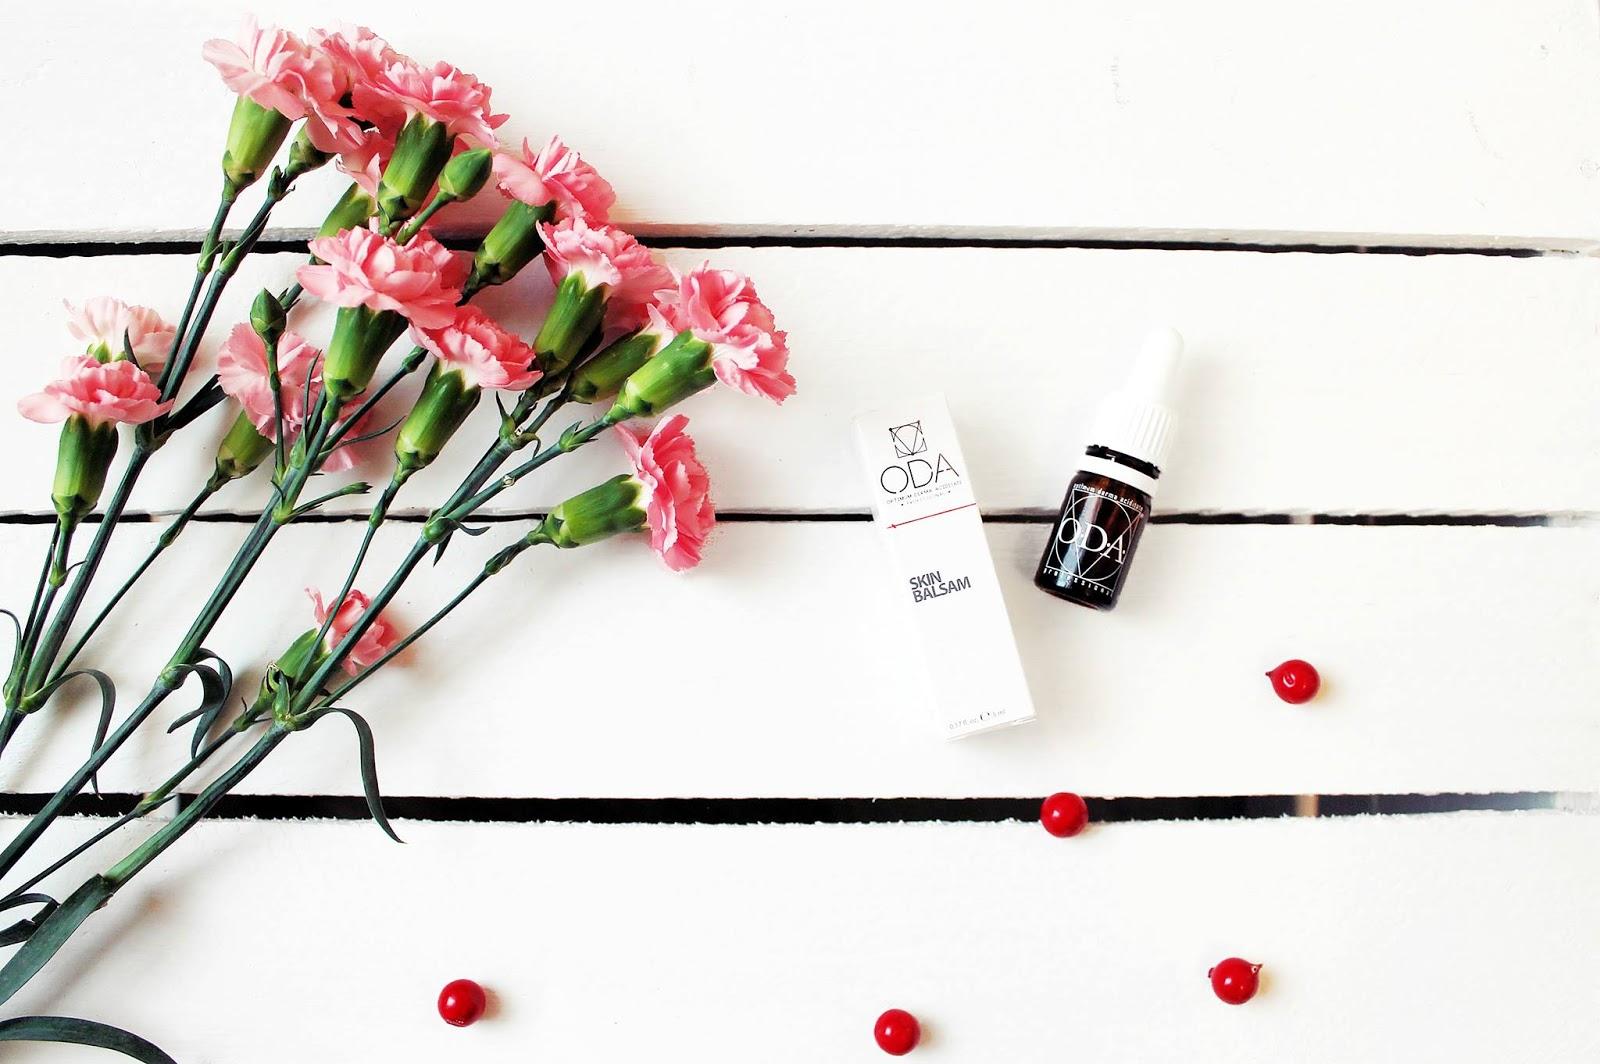 Unikatowy produkt SOS: czyli Skin Balsam ODA.